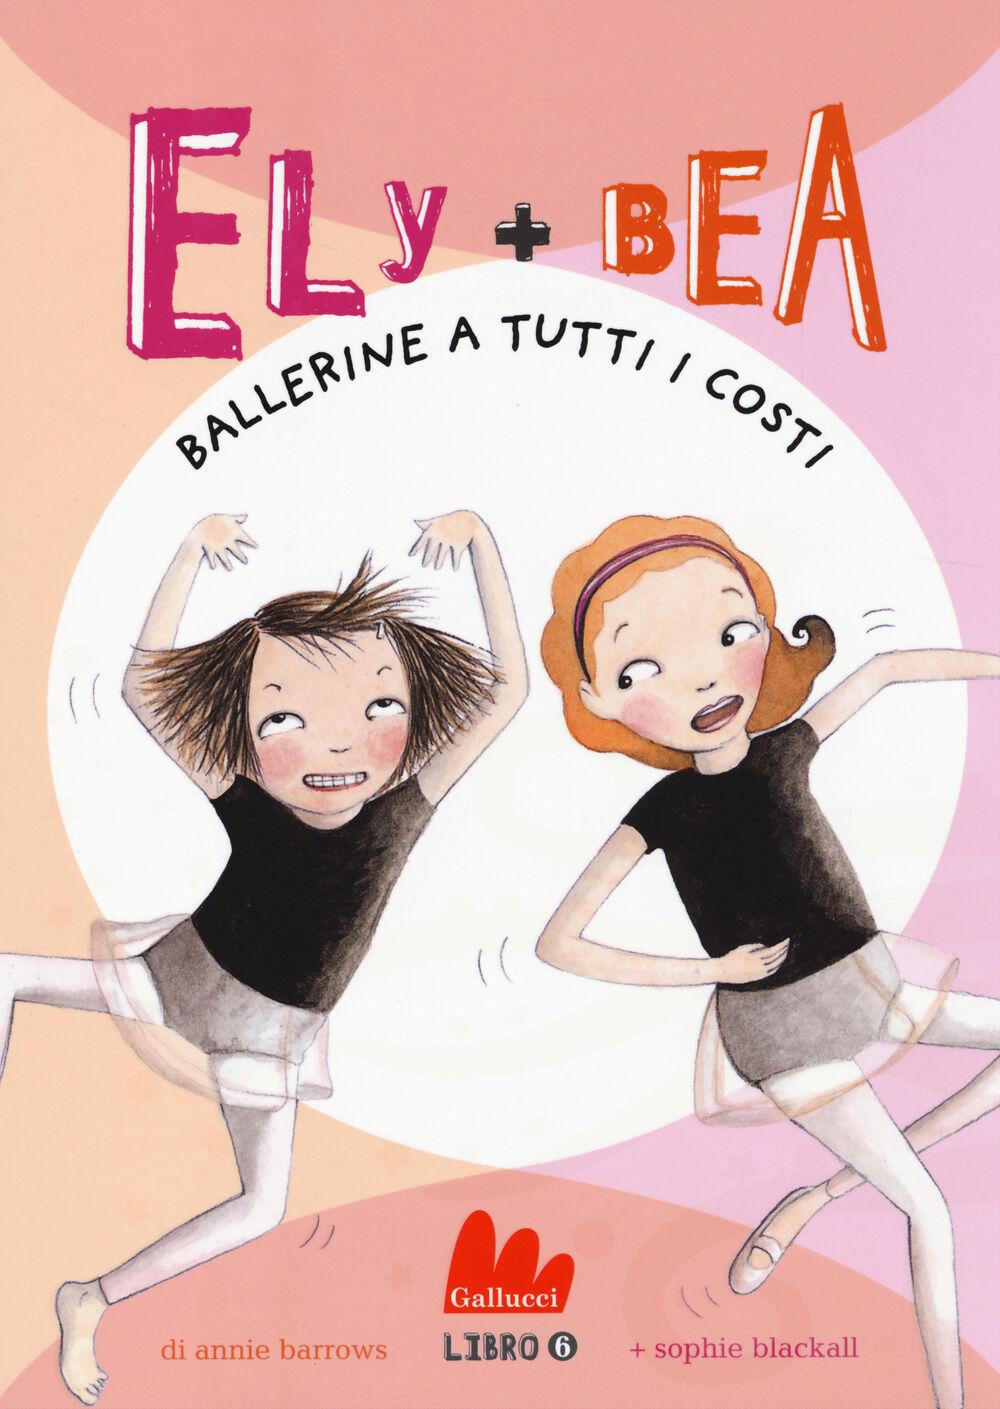 Ballerine a tutti i costi. Ely + Bea. Vol. 6